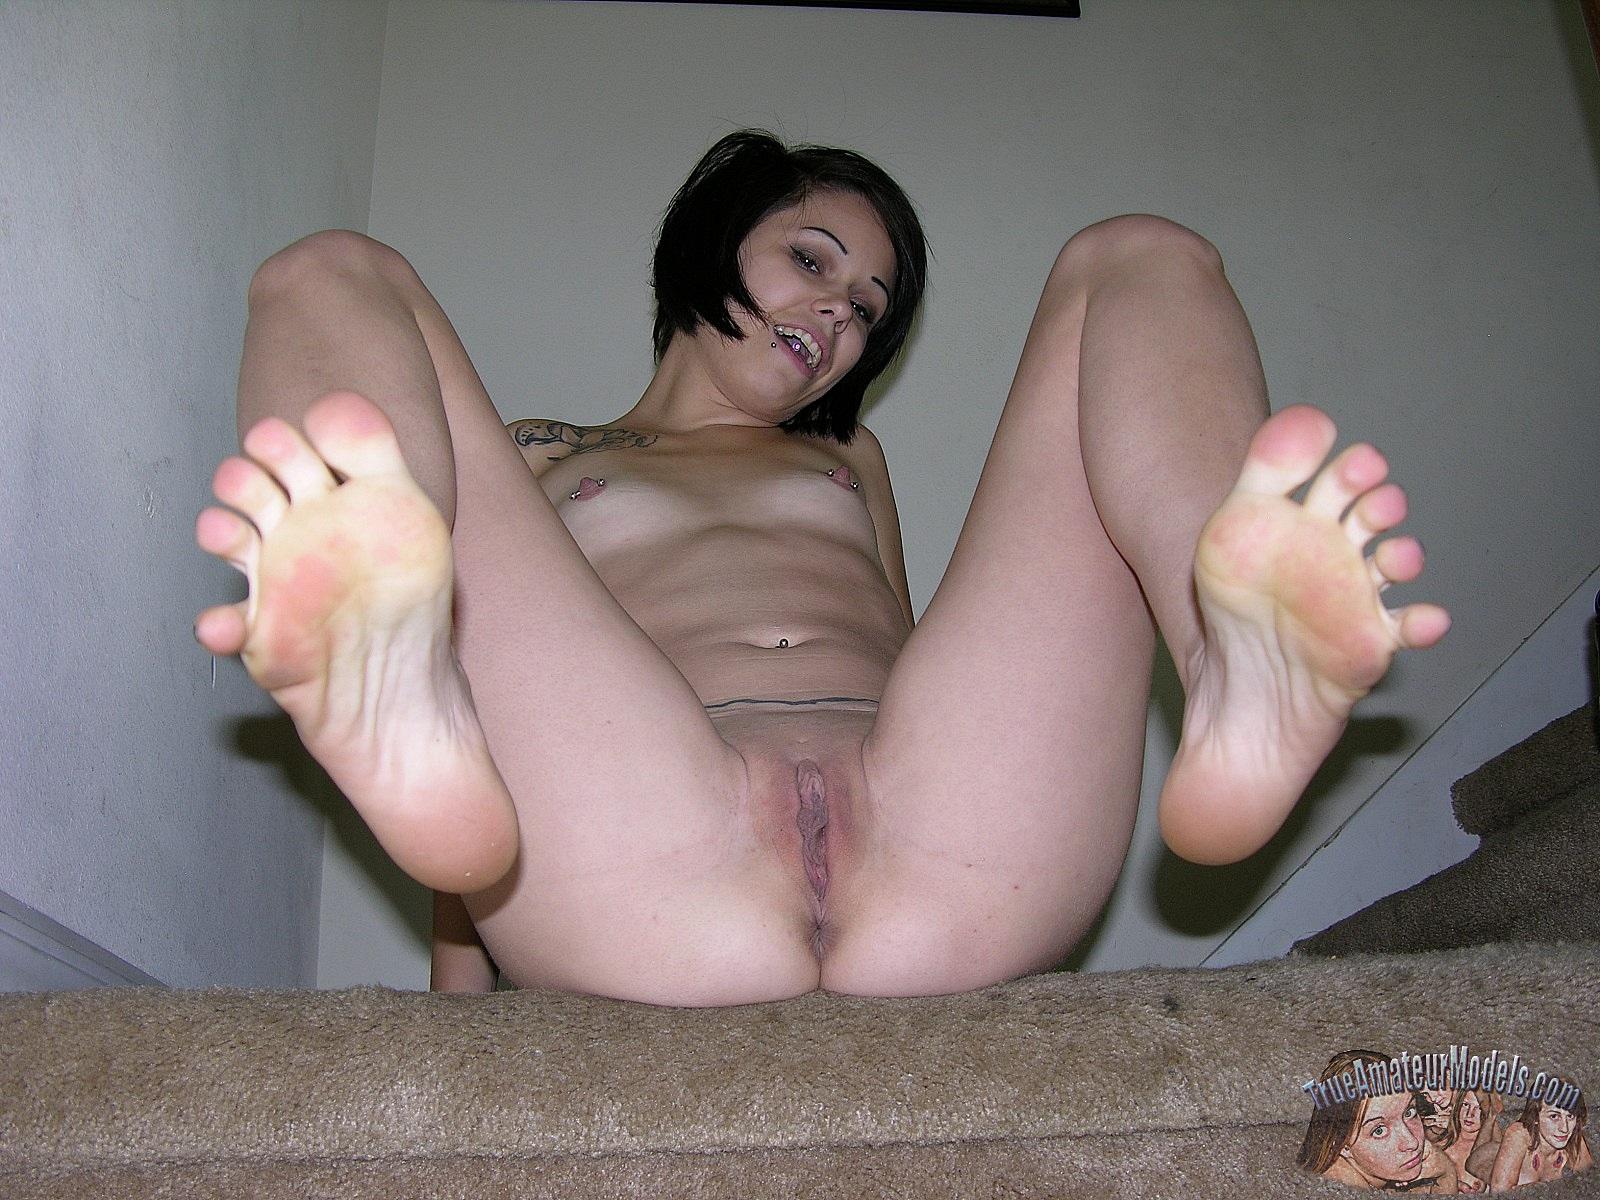 Aj lee fully nude